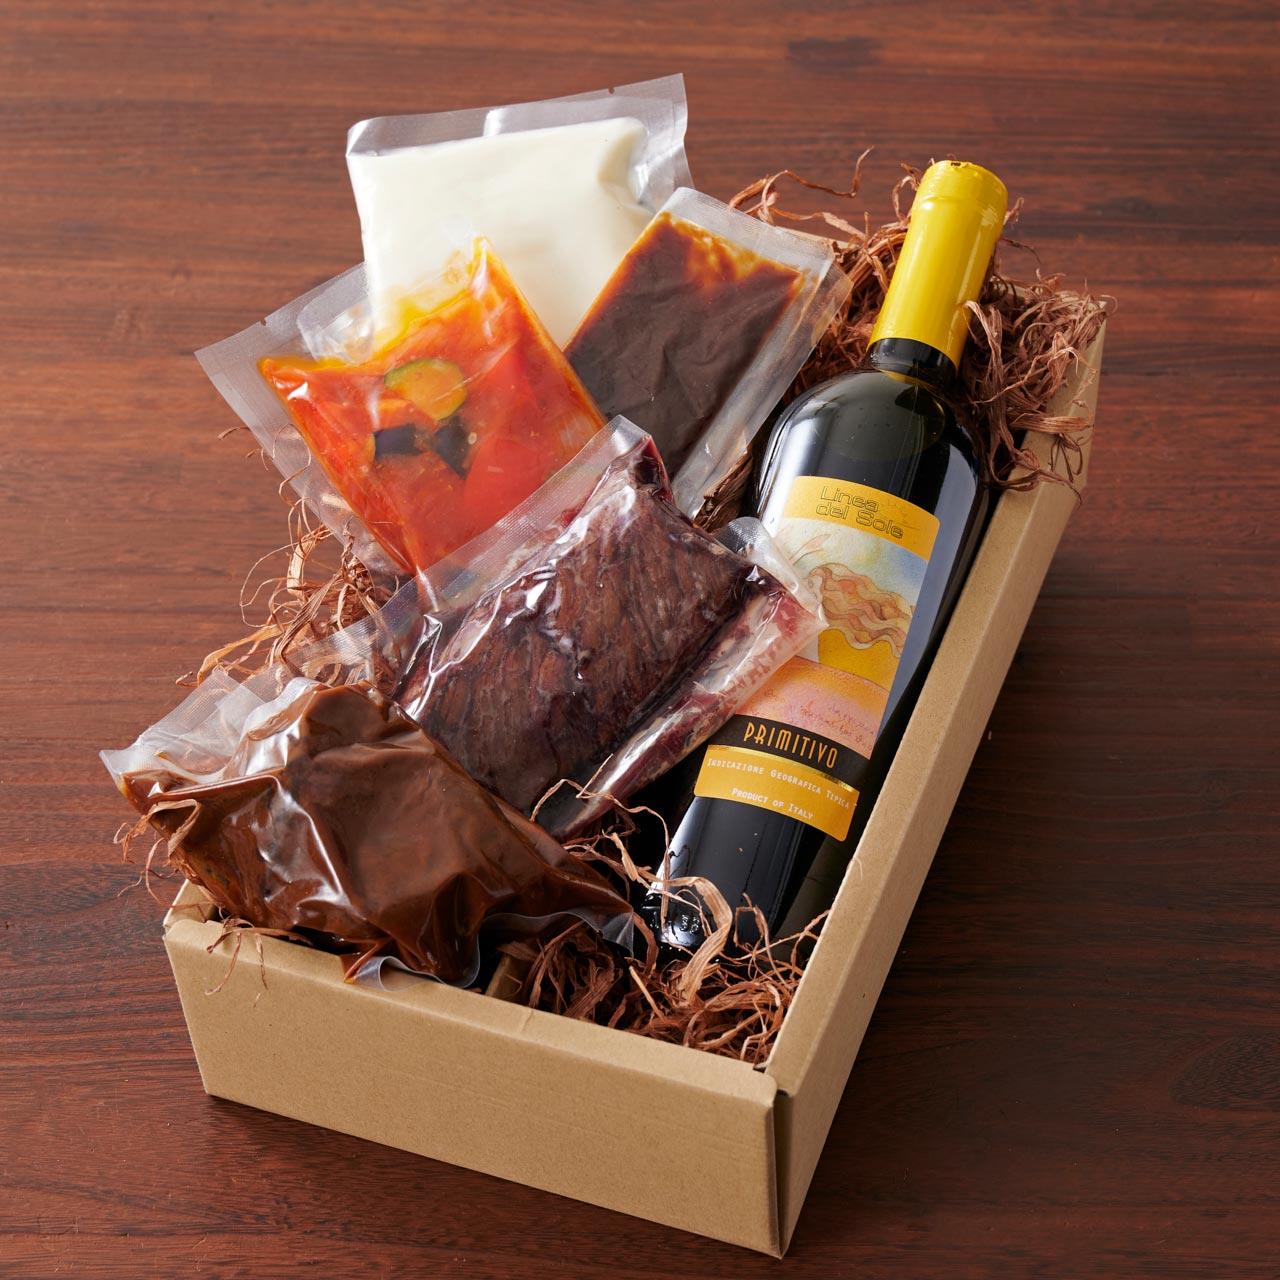 「ワイン倶楽部」の赤ワインを楽しむ肉料理セット■ワイン(750mlボトル1本)付き■